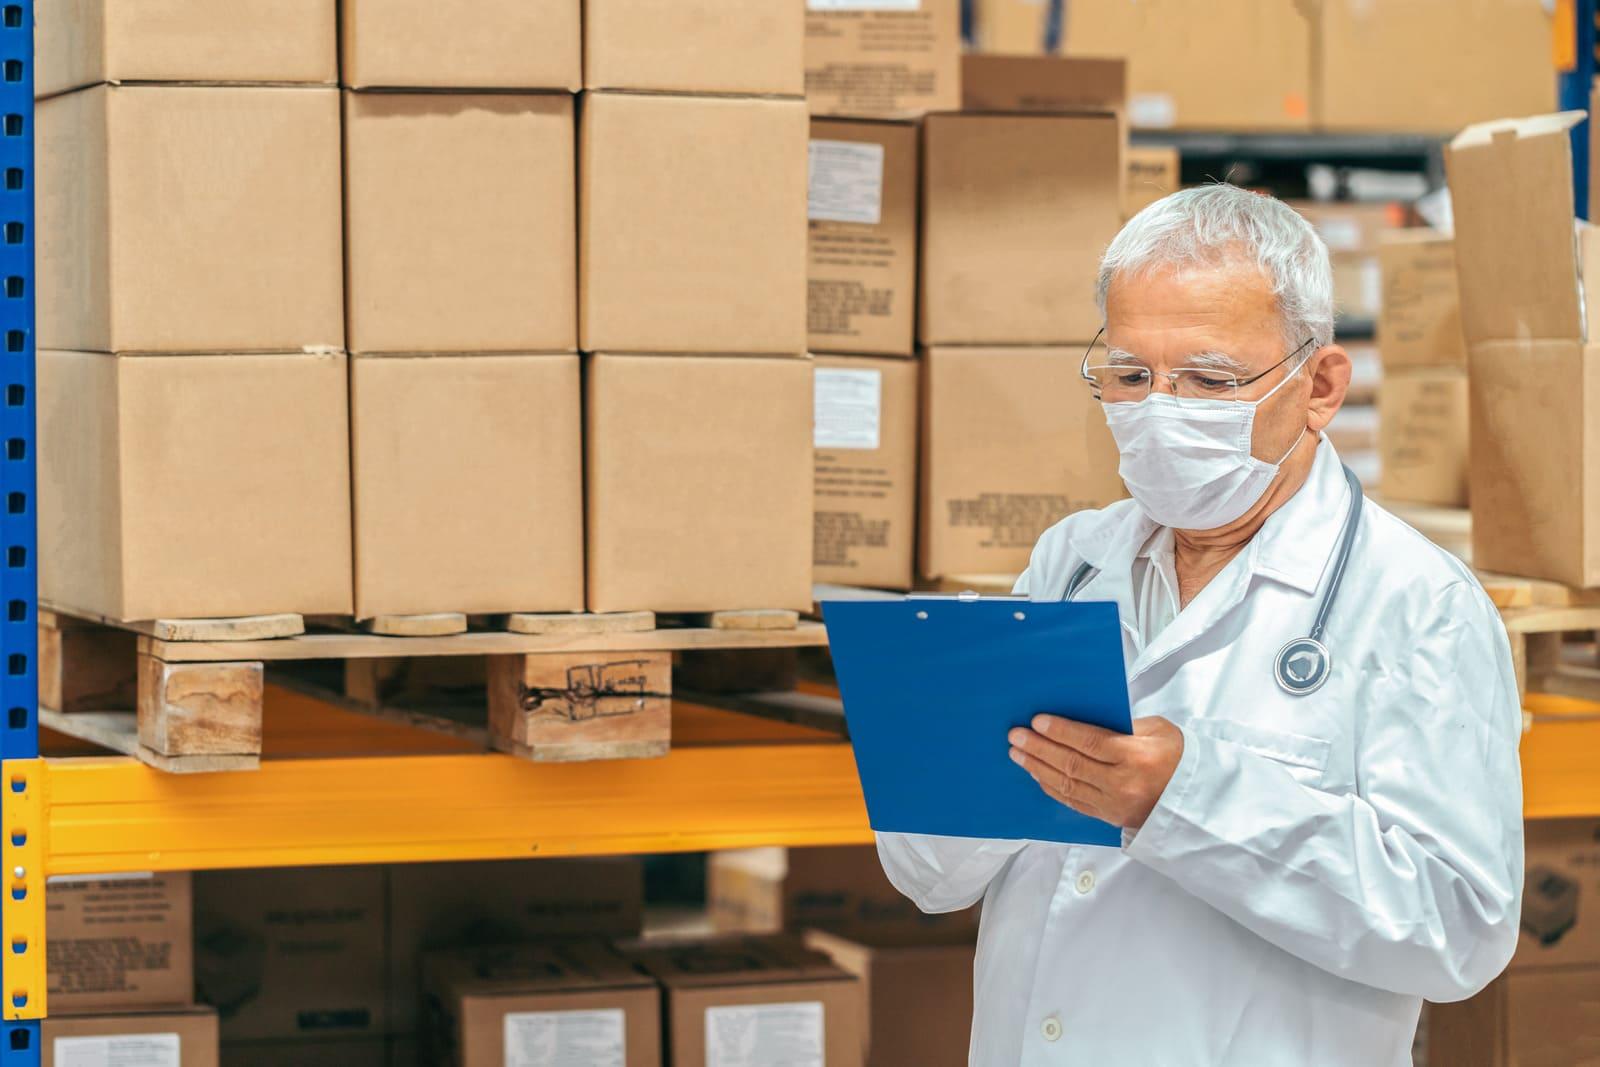 A imagem mostra um farmacêutico operando o estoque de uma distribuidora de medicamentos.